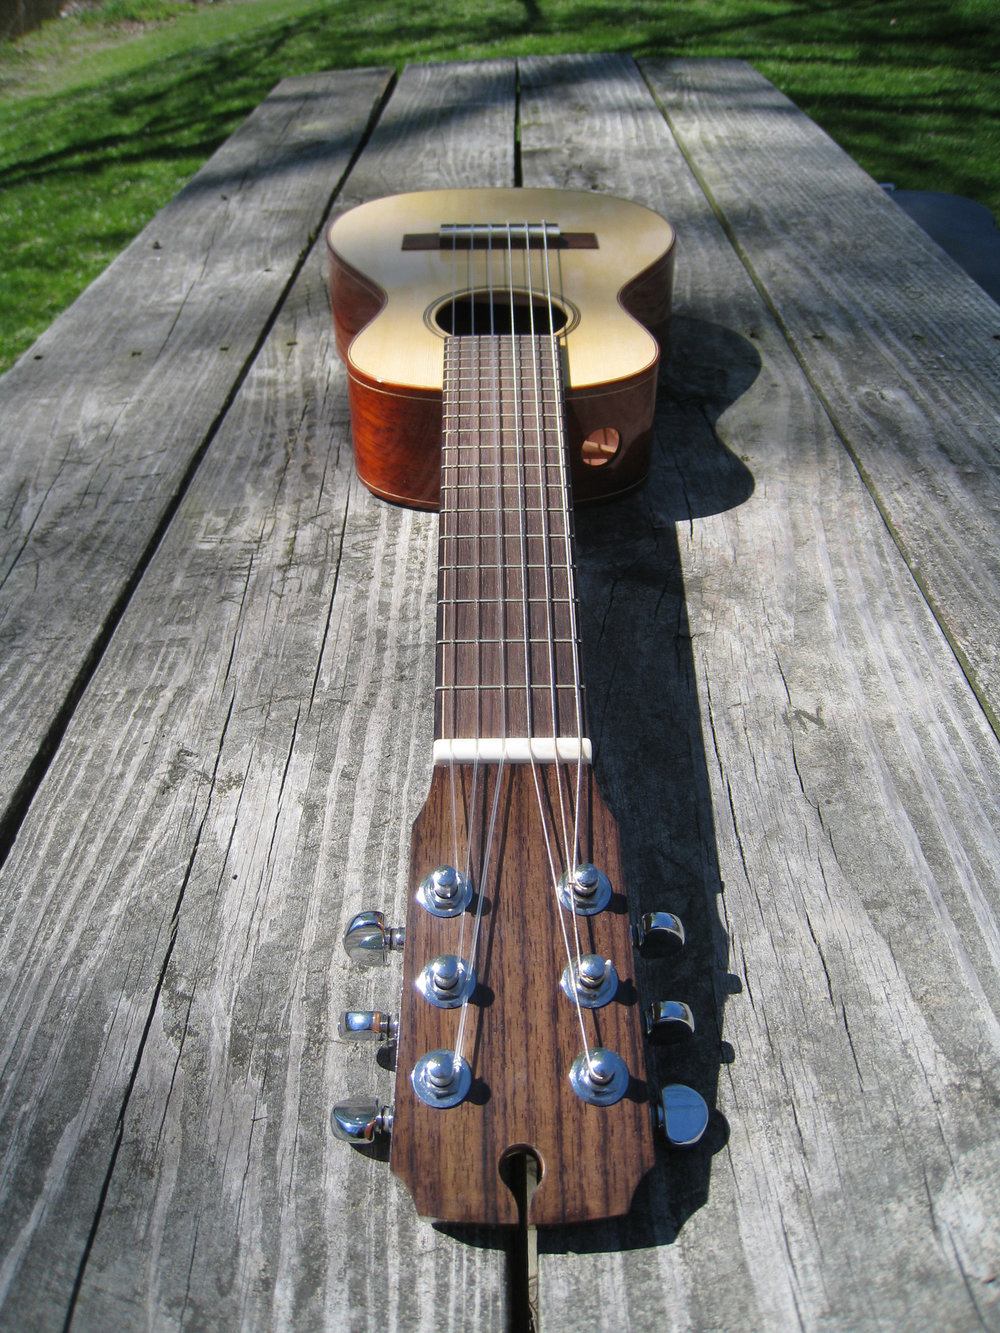 mustguitars-ukulele-sixstring-comp (5).JPG